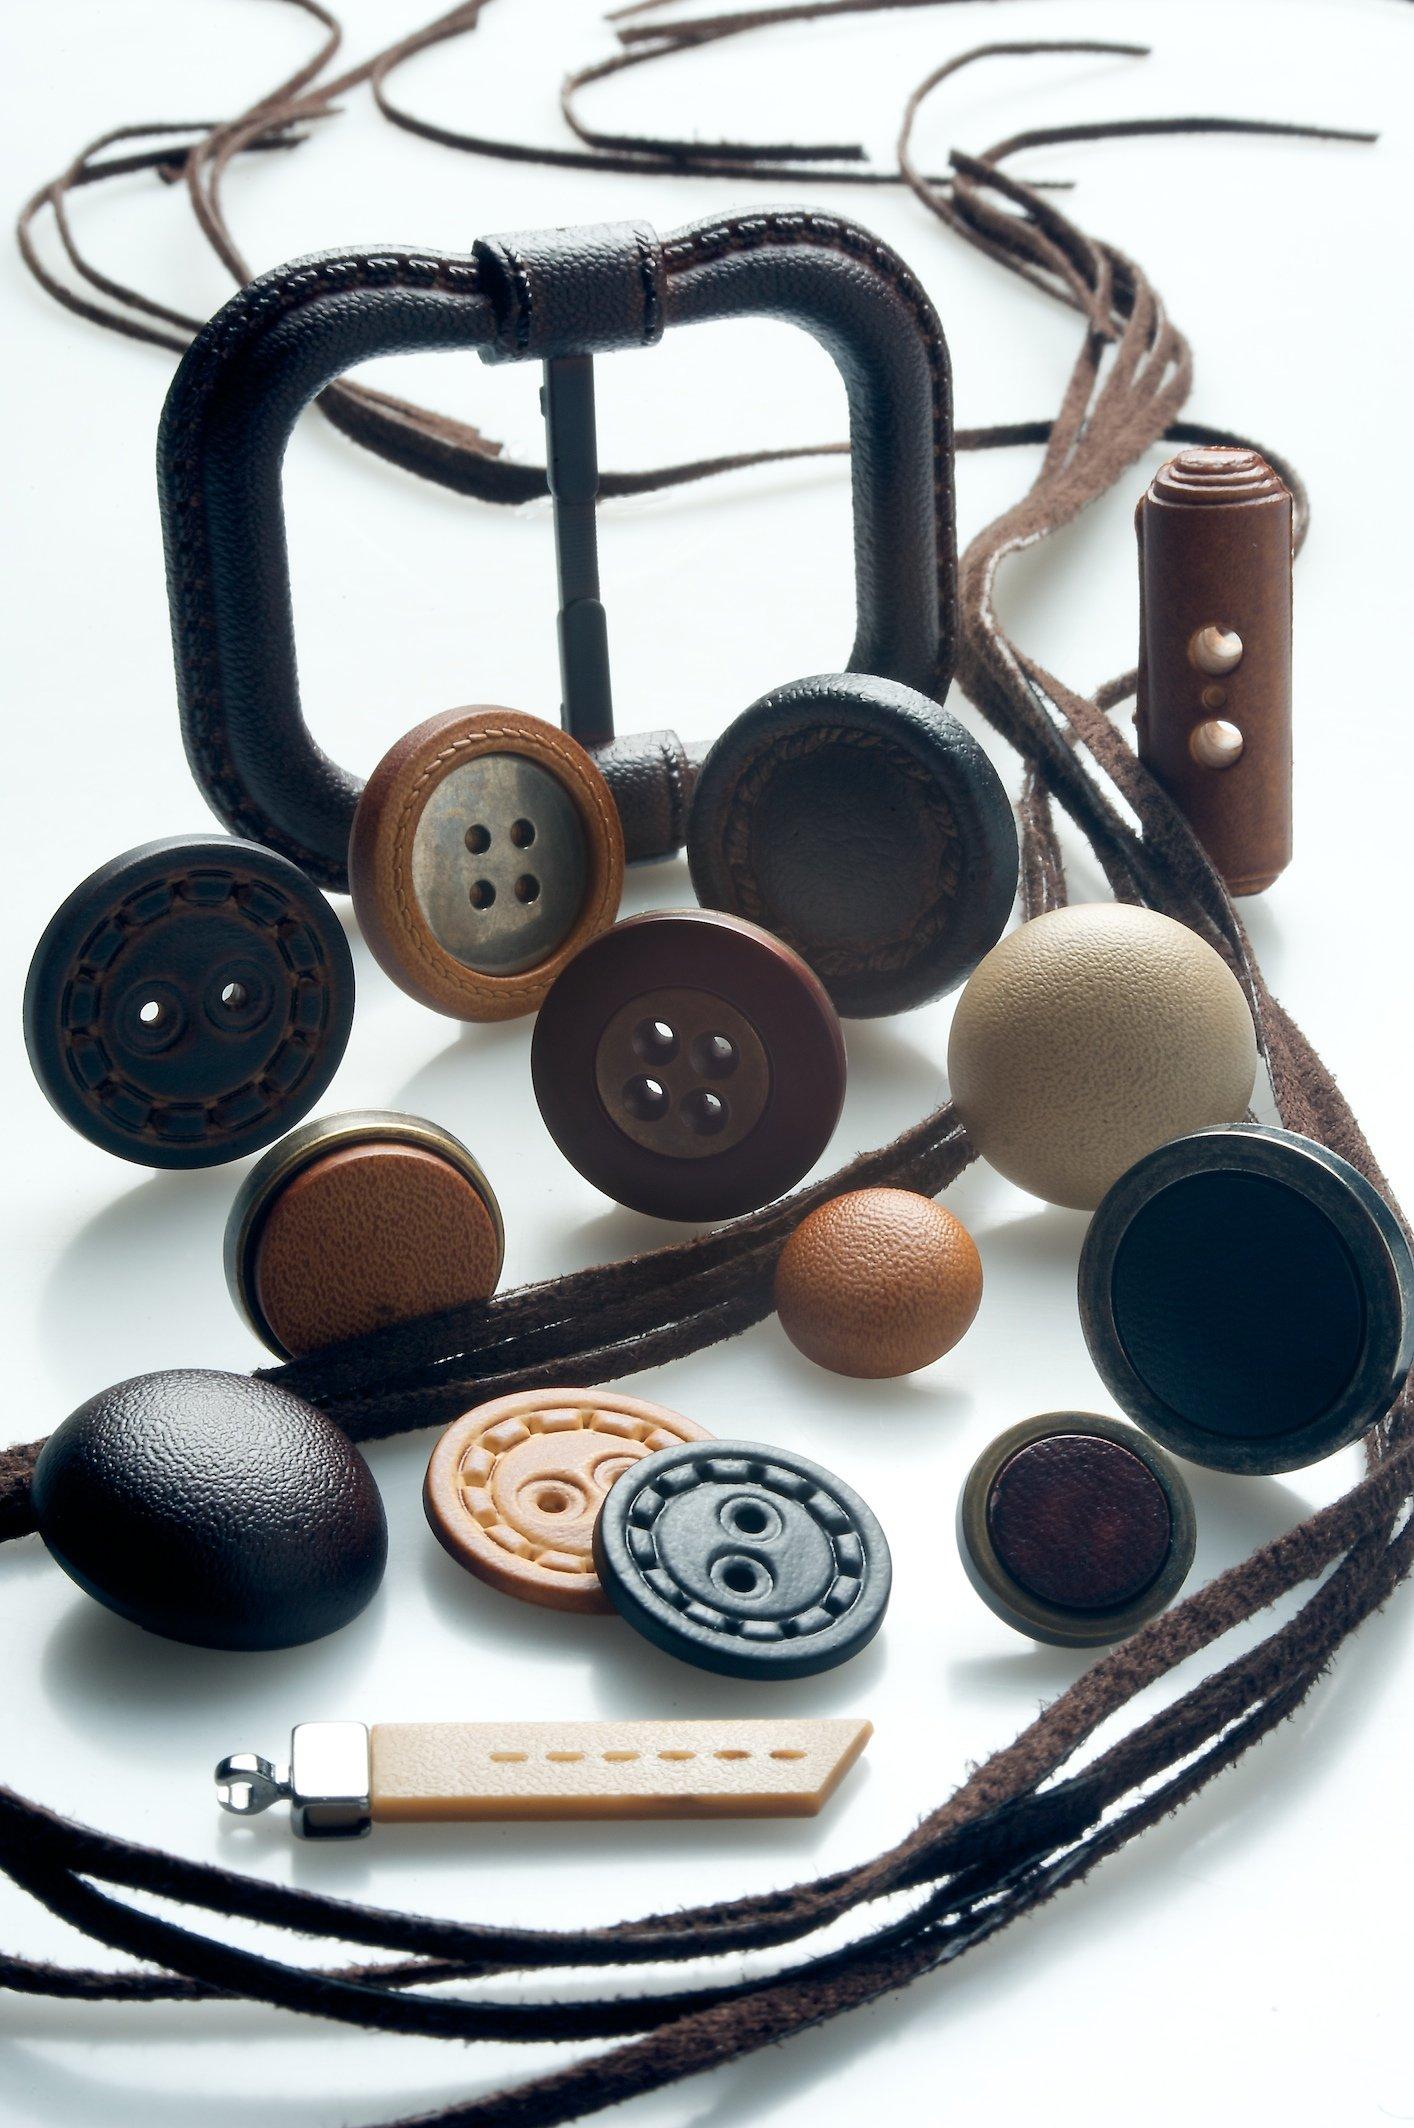 Fibbie classiche e bottoni in abbinamento